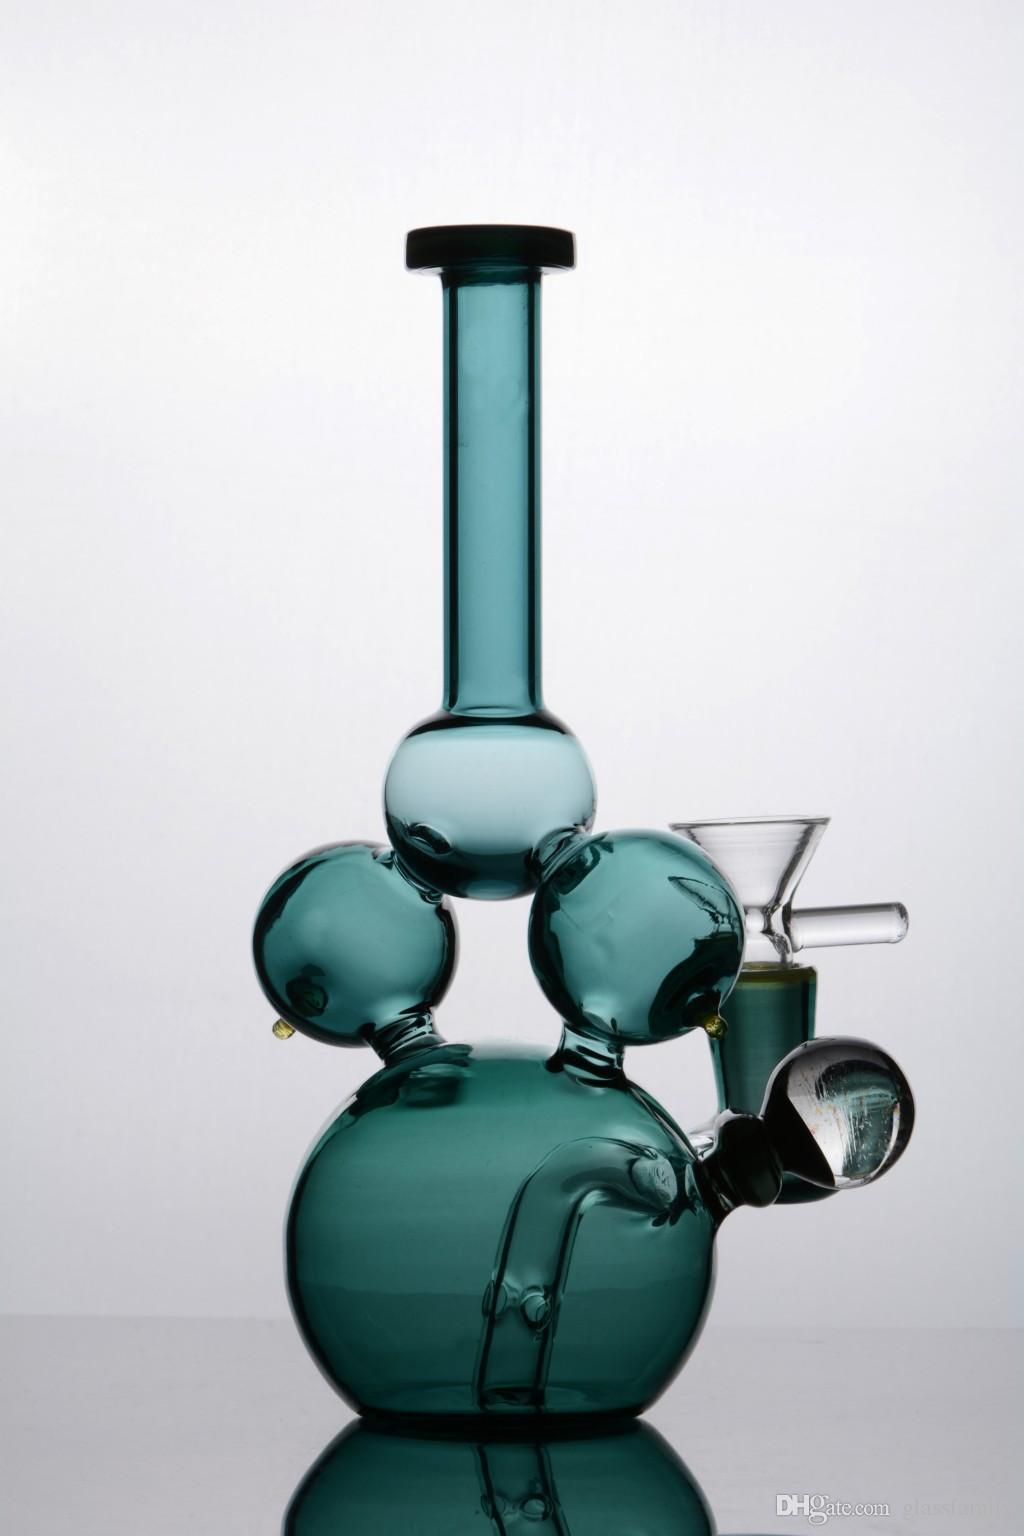 Brand new colorido Fab Egg Vidro Bongs artista jet ball bubbler Tubulações de água narguilé com 14 mm